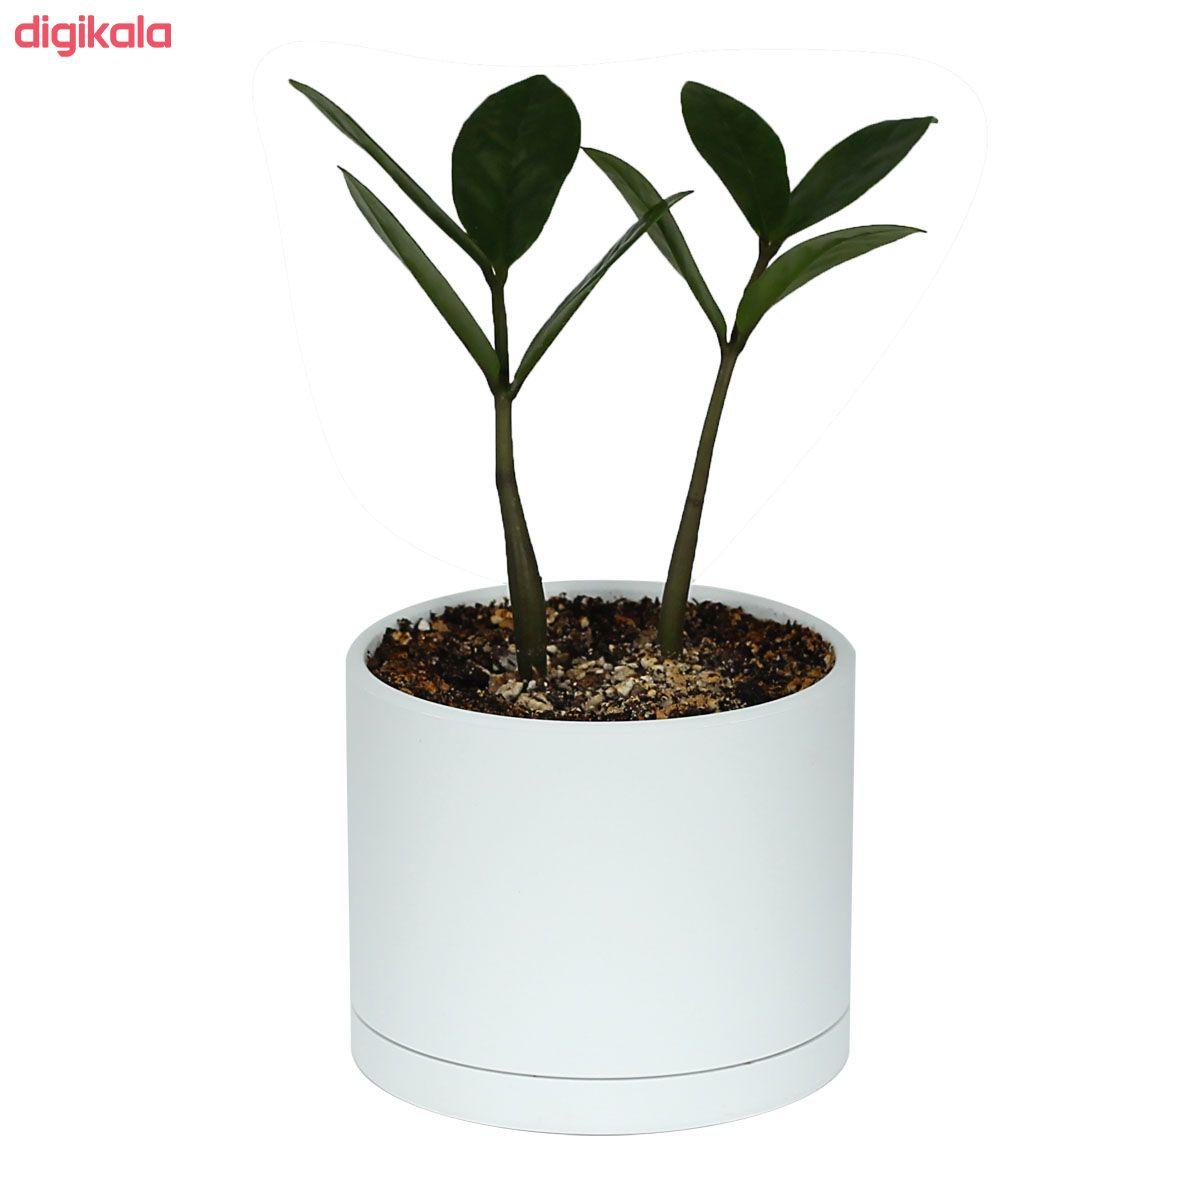 گلدان طرح استوانه مدل مهرنی 7.5-103 main 1 10